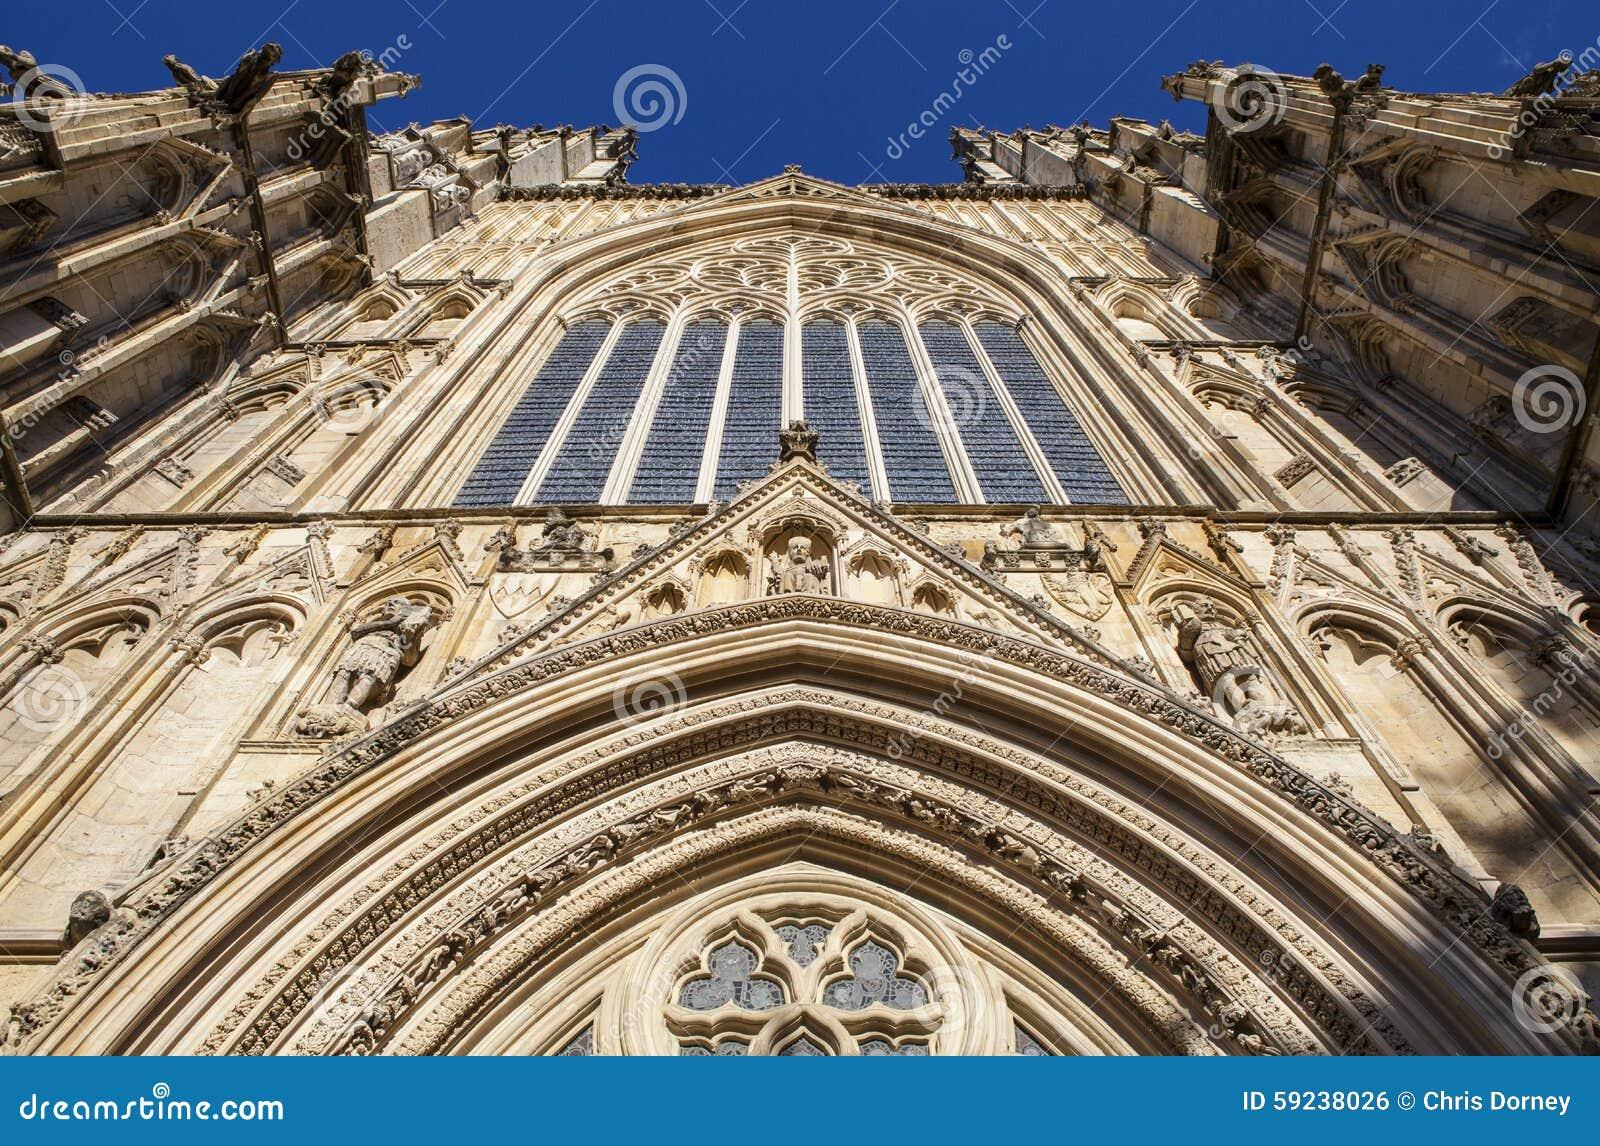 Download Iglesia De Monasterio De York Foto de archivo - Imagen de iglesias, atracciones: 59238026